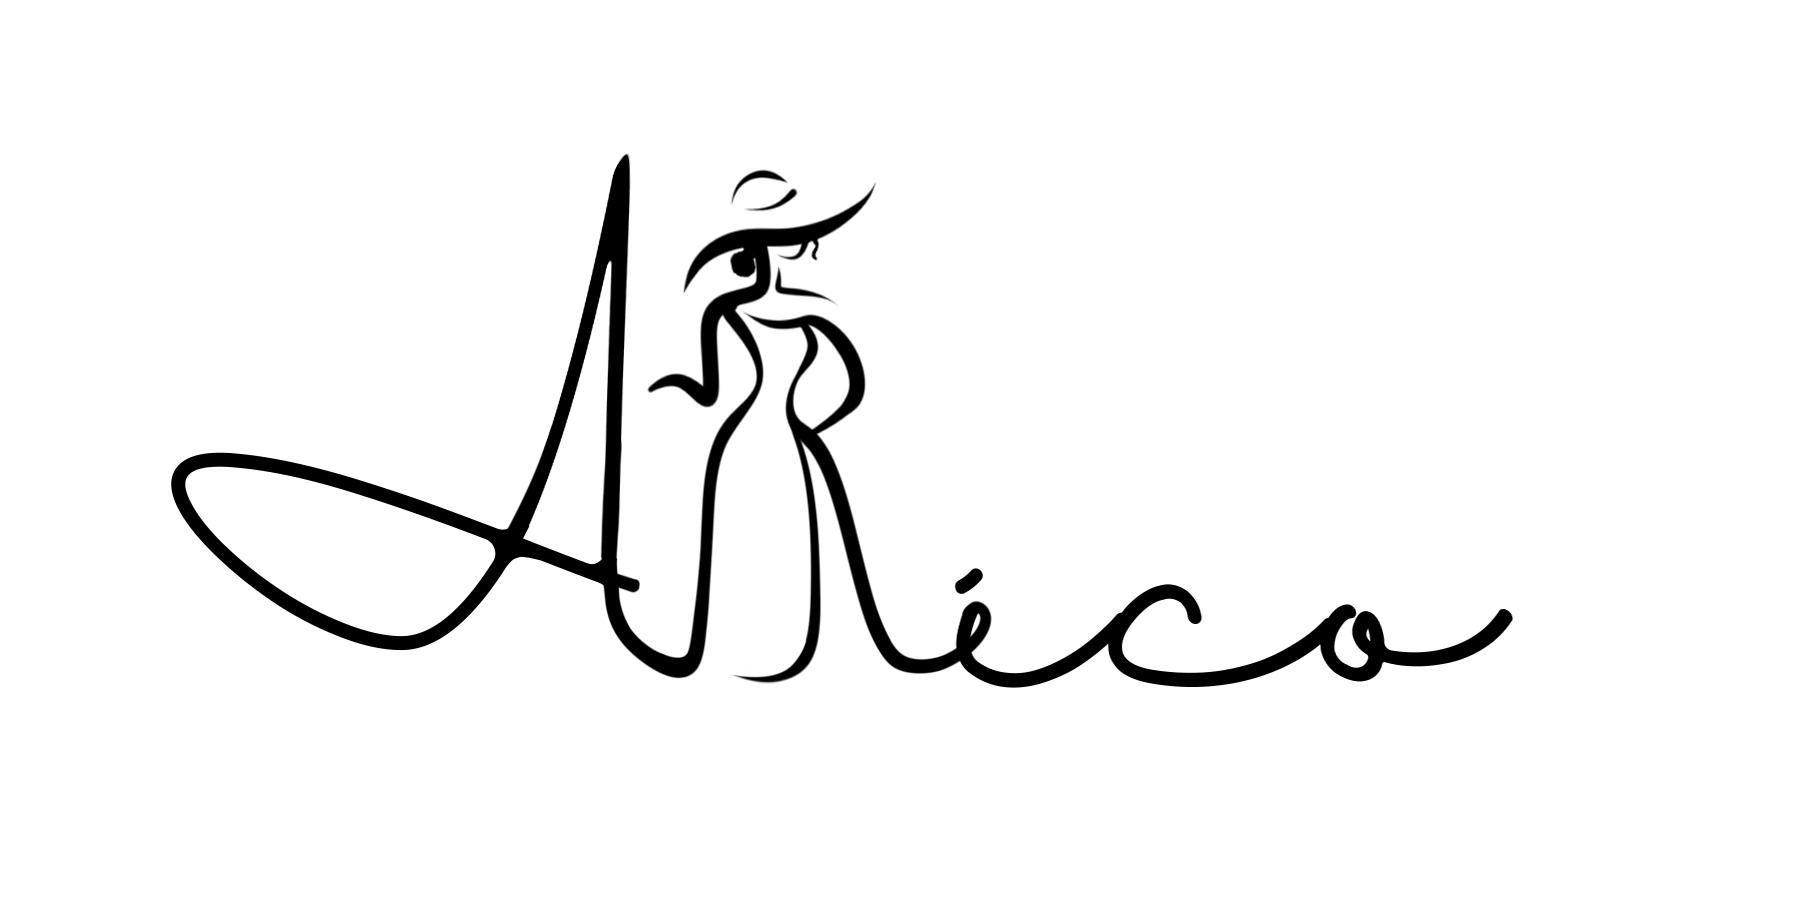 Логотип для брендовой пряжи и трикотажной одежды фото f_643600480c16c953.jpg